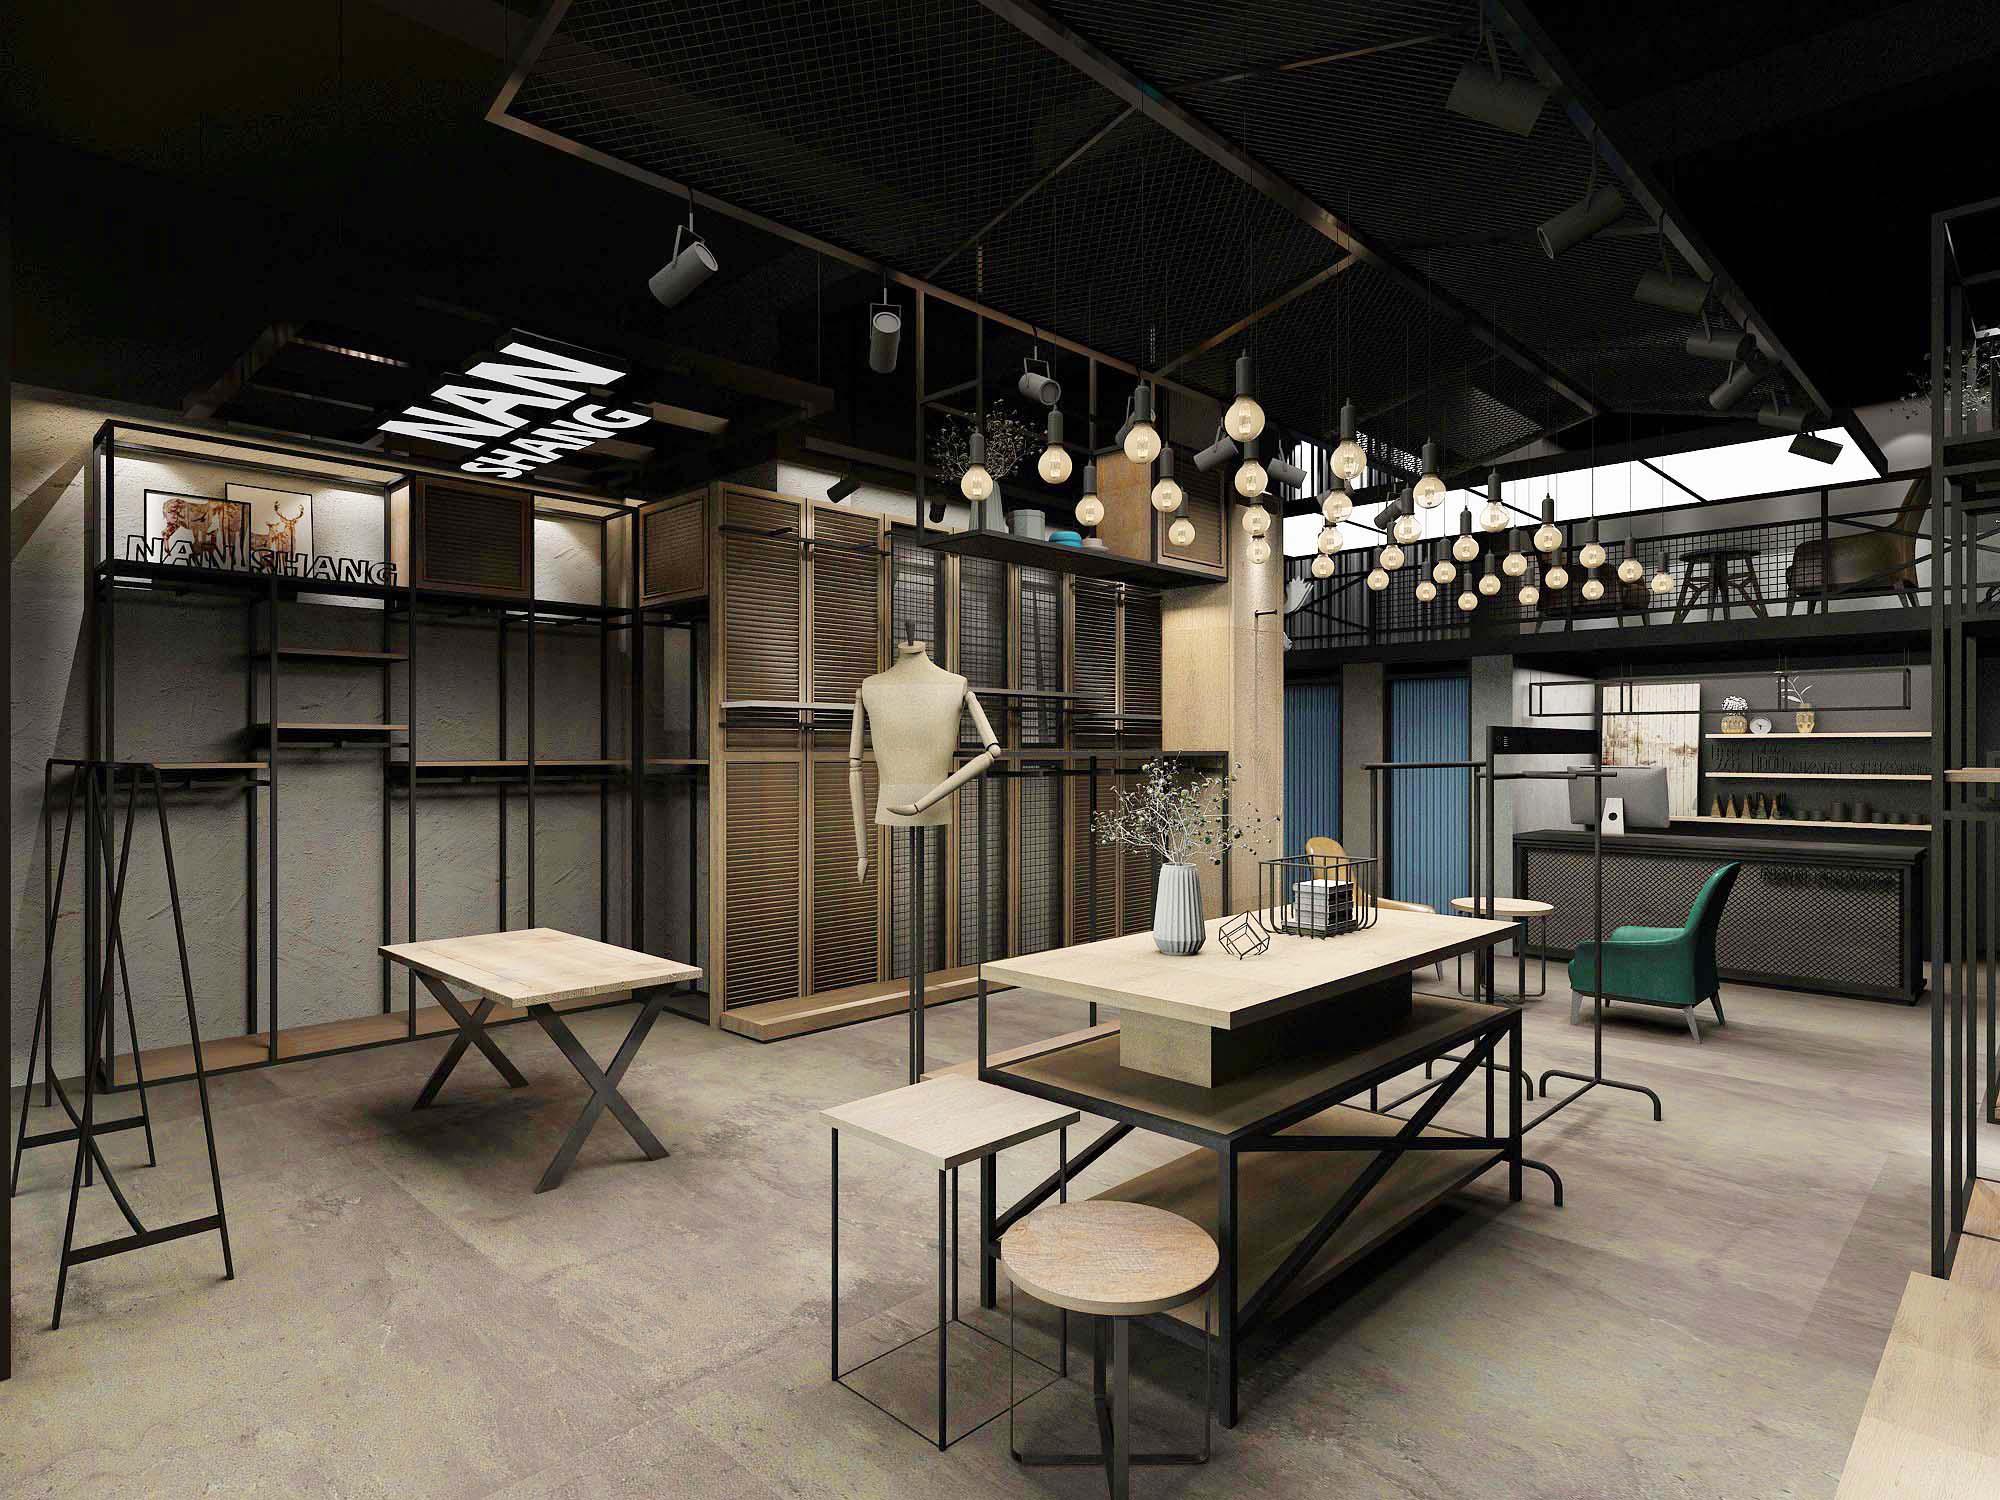 服装店铺设计,鞋包店铺设计,展厅设计,室内设计,效果图设计